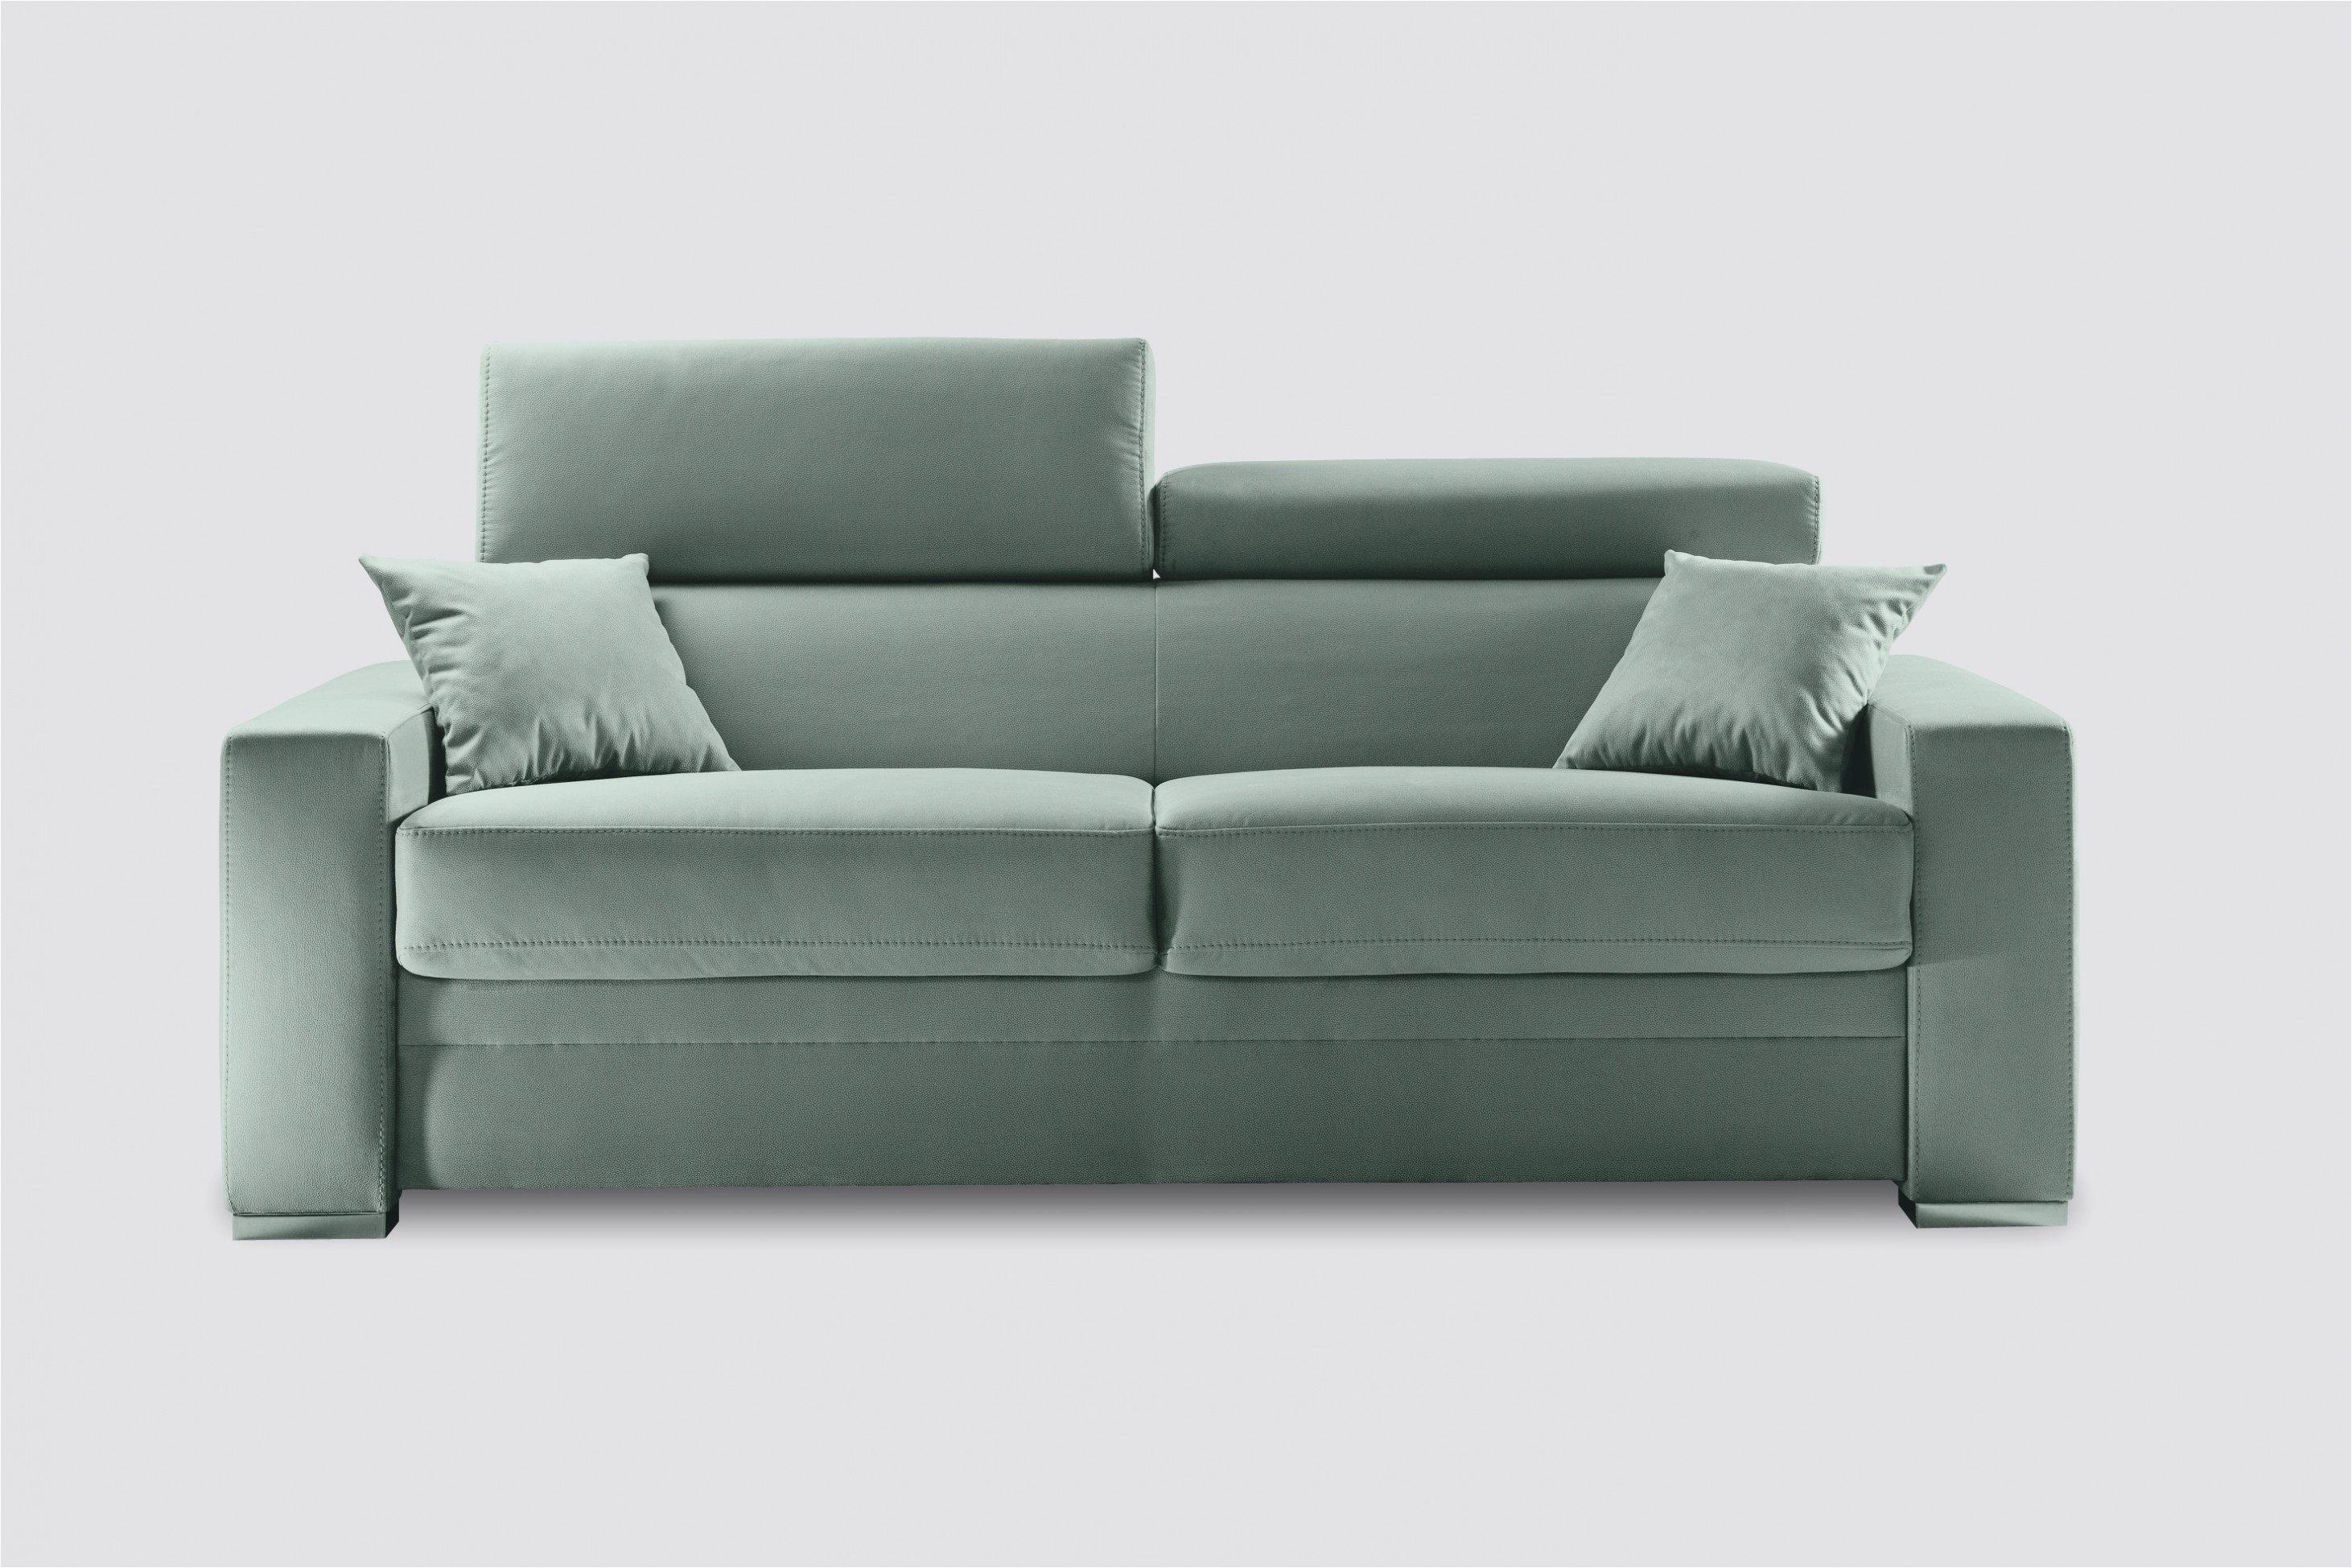 Canapé Lit Deux Places Le Luxe Délicieux Canapé D Angle Convertible Conforama Avec Conforama Canapé